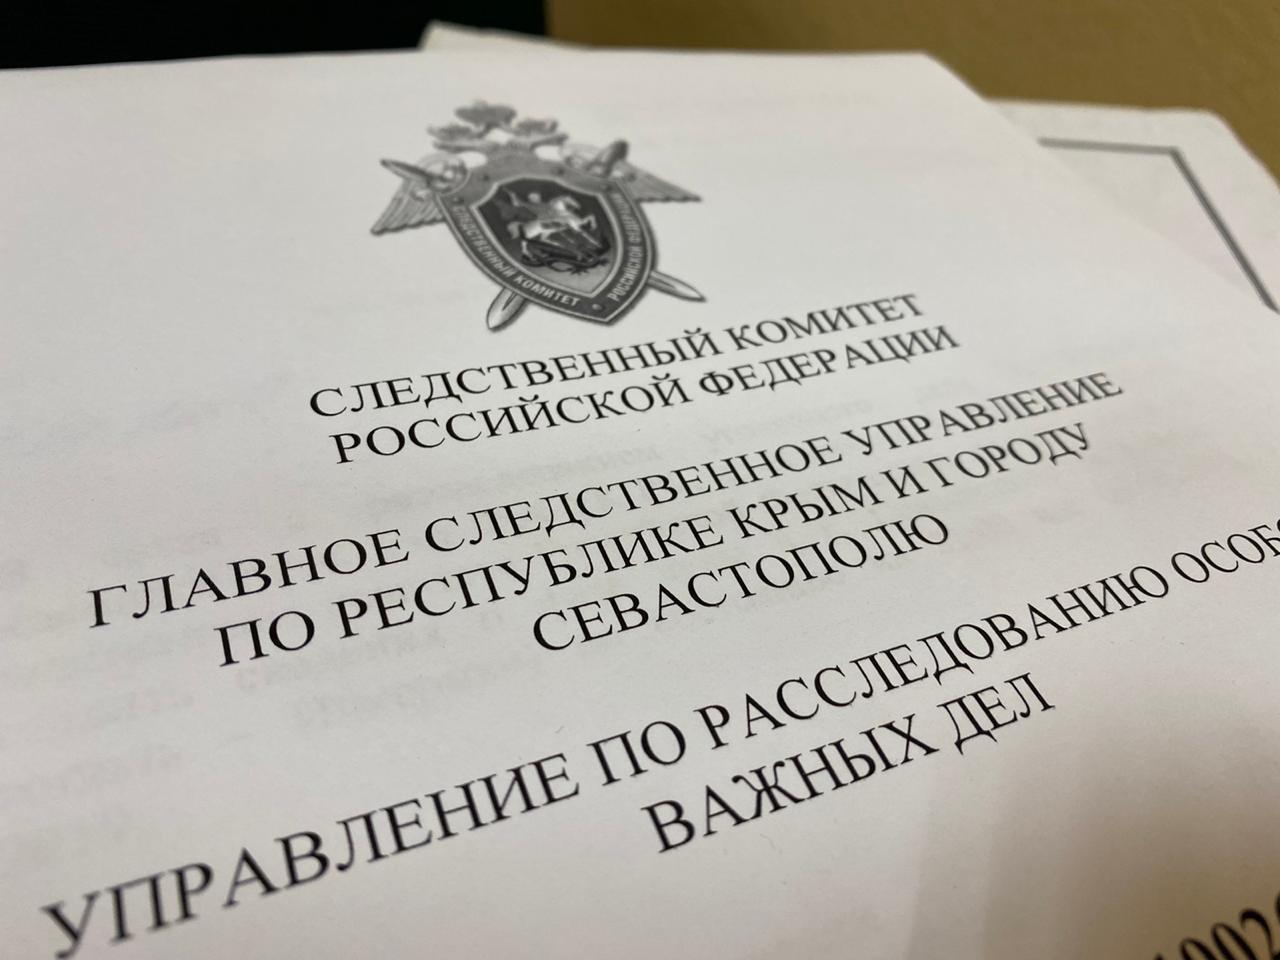 В Севастополе полицейский и адвокат попались на взятке в полмиллиона